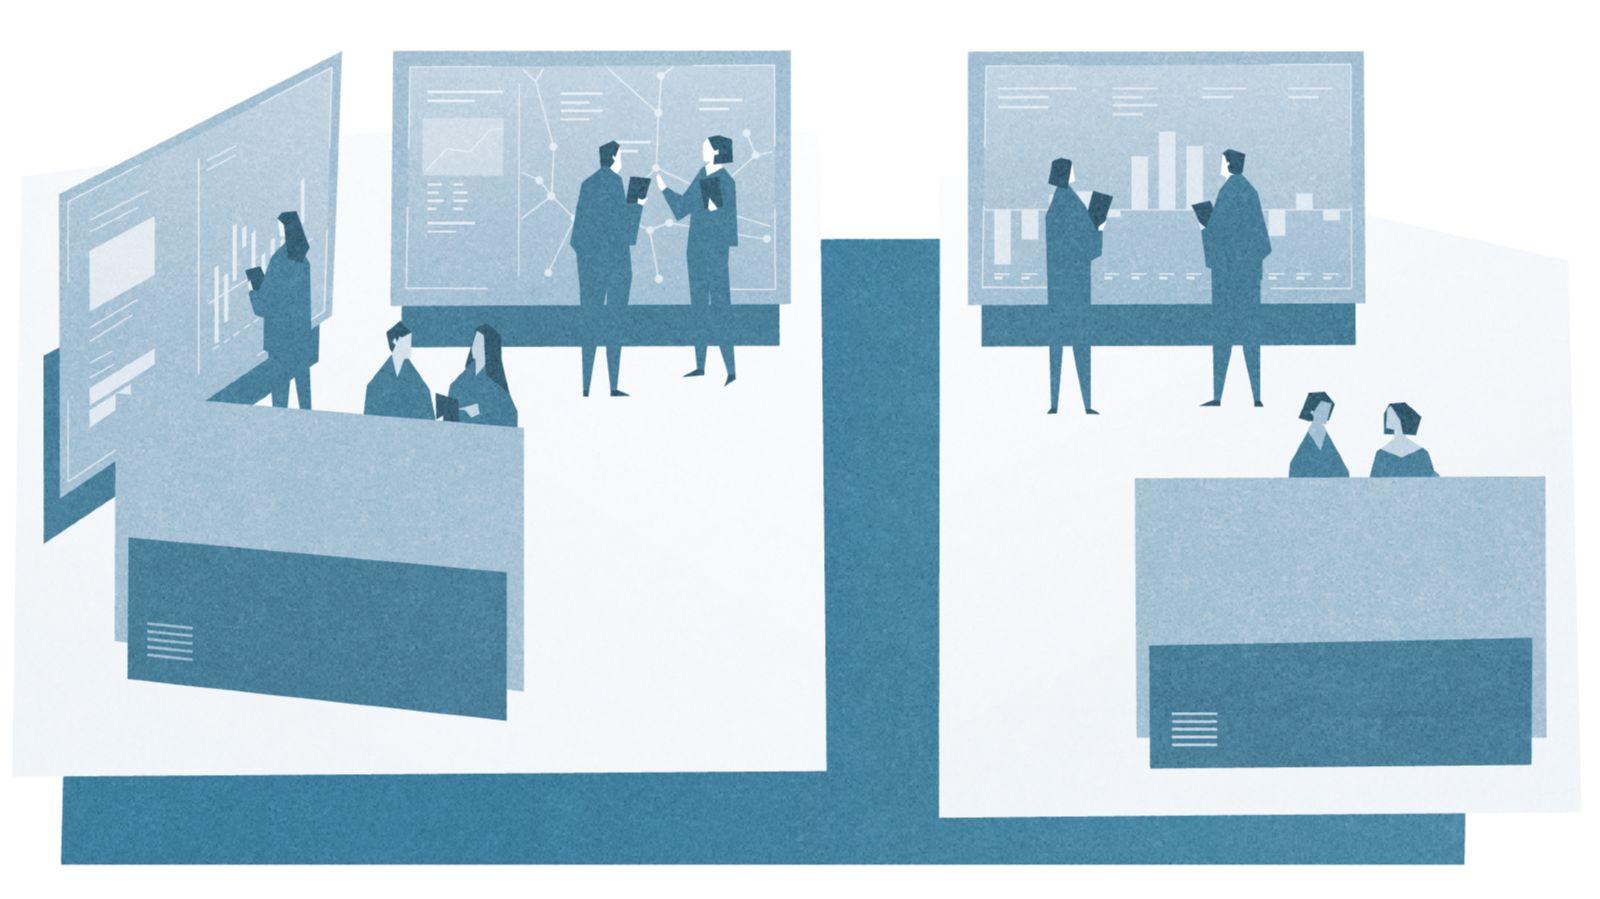 Das Bild zeigt Mitarbeiter eines digitalen Umschaltwerks für Analyse-Monitoren.